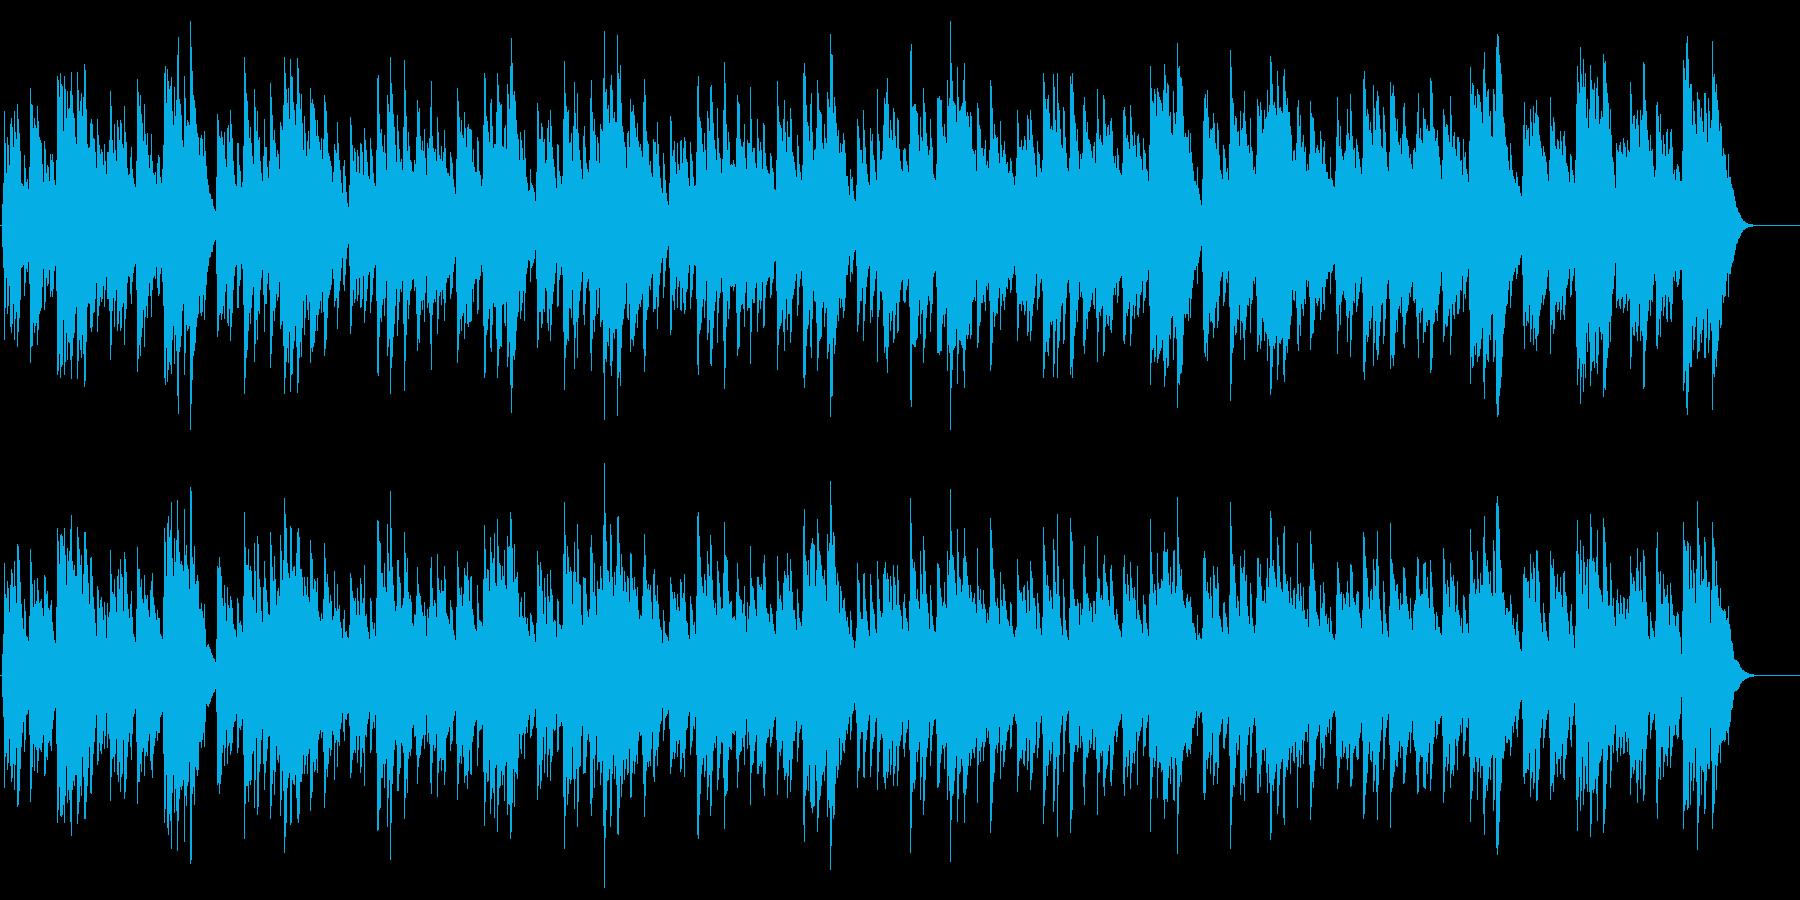 かたつむりの再生済みの波形